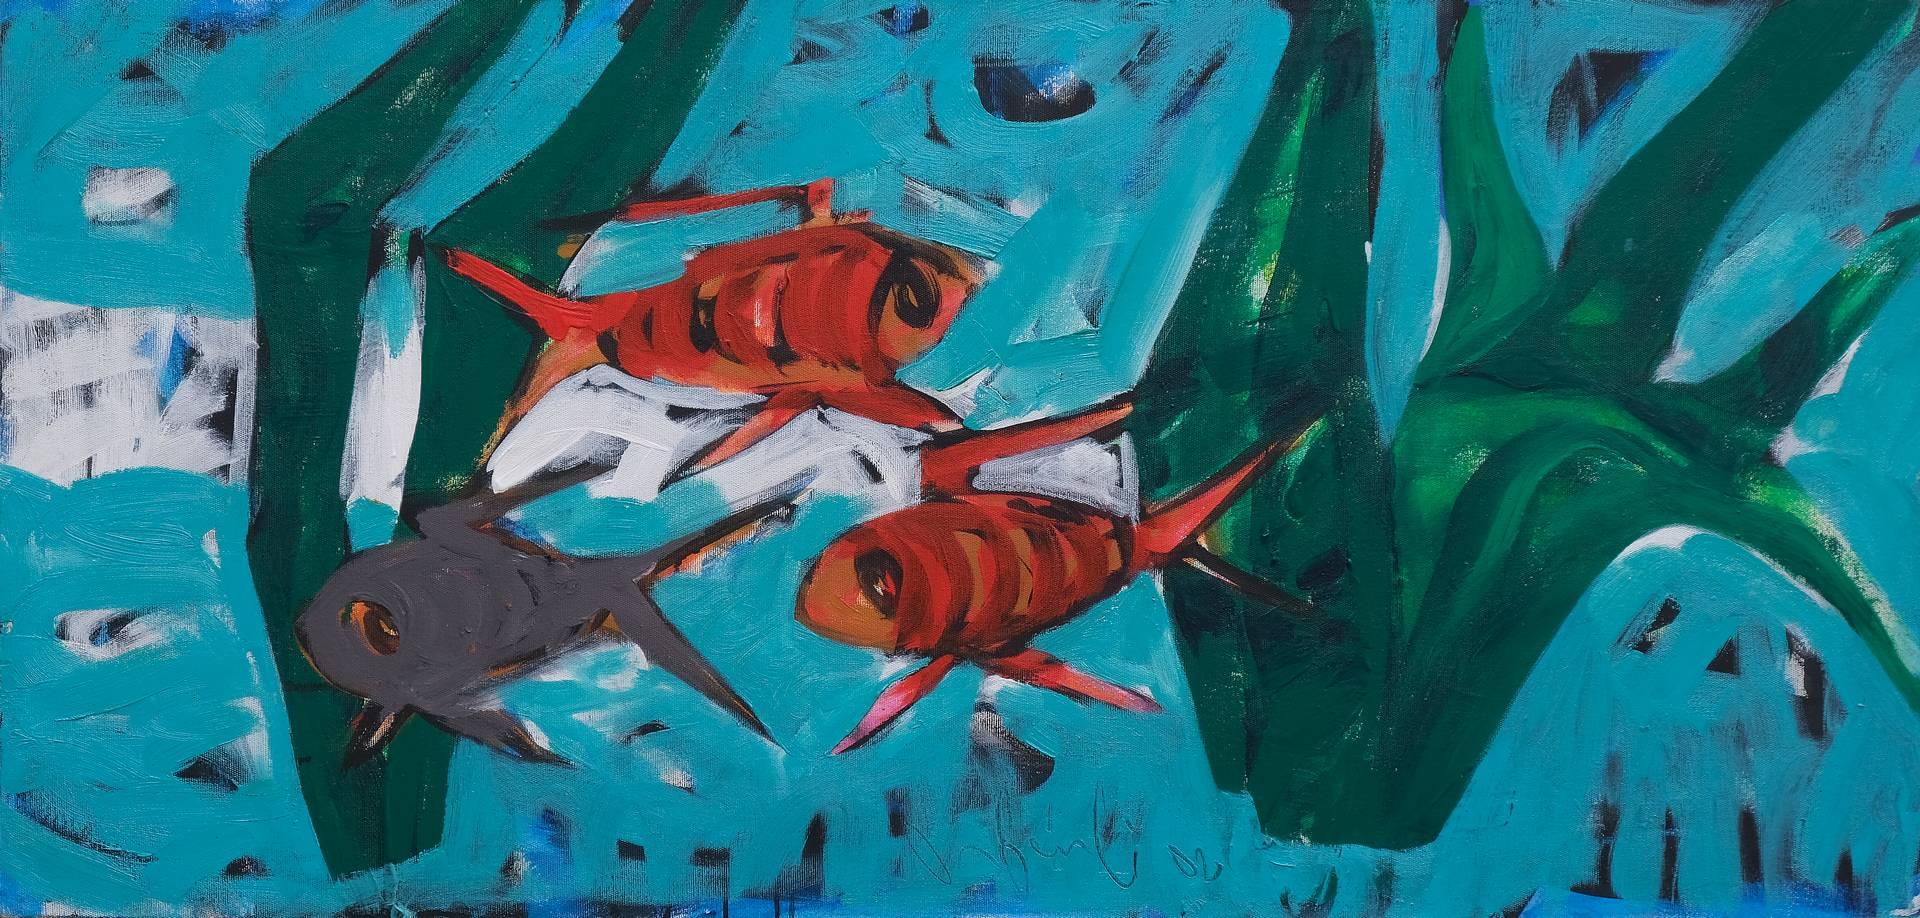 Orhan Benli, Akvaryum Keyfi, 70x145 cm, Tuval üzerine yağlı boya, 2002